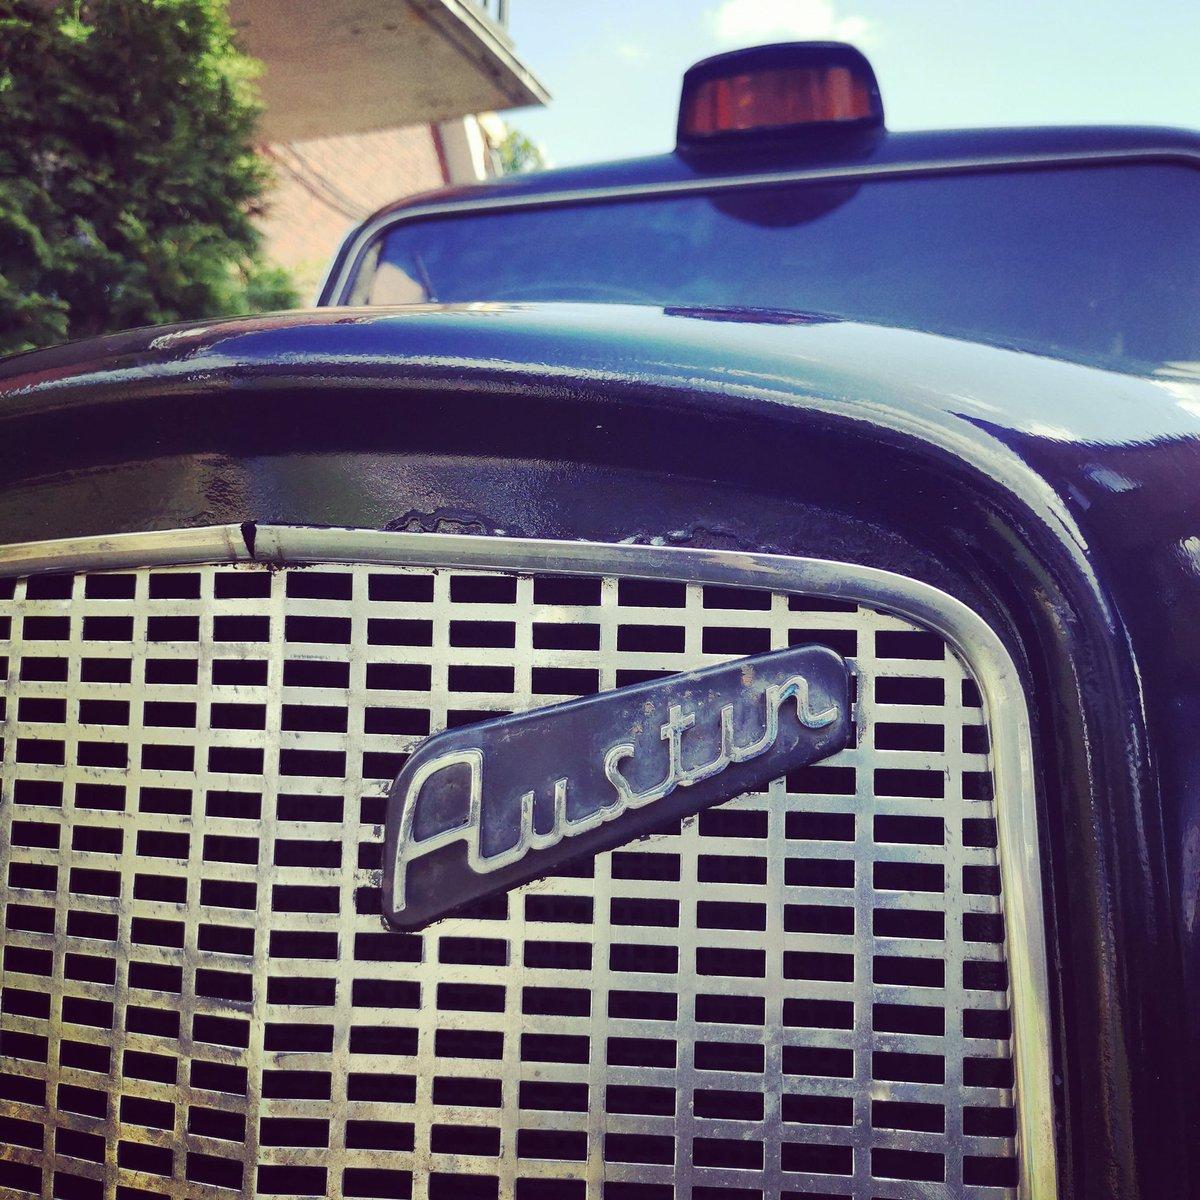 50 Jahre Geschichte hat unser Austin Taxi zu erzählen...  #photobooth #fotobox #photobox #eventphotos #weeding #heiratenhamburg #hamburg #buisunessevents #werbeagentur https://t.co/mYdeSHEjak https://t.co/O6VWrL4oeS